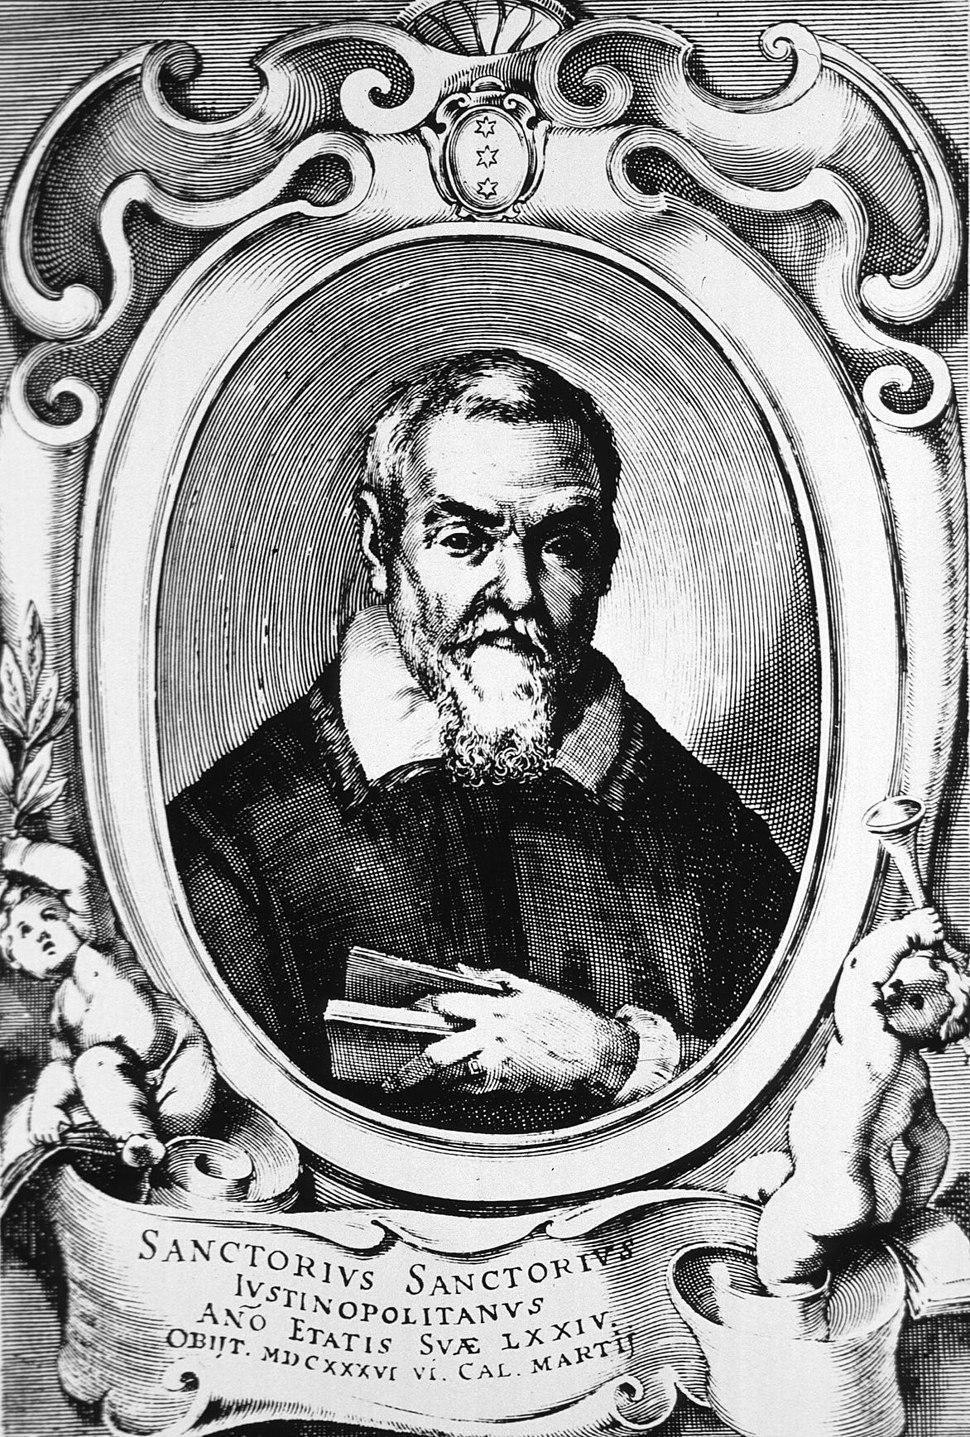 Sanctorius